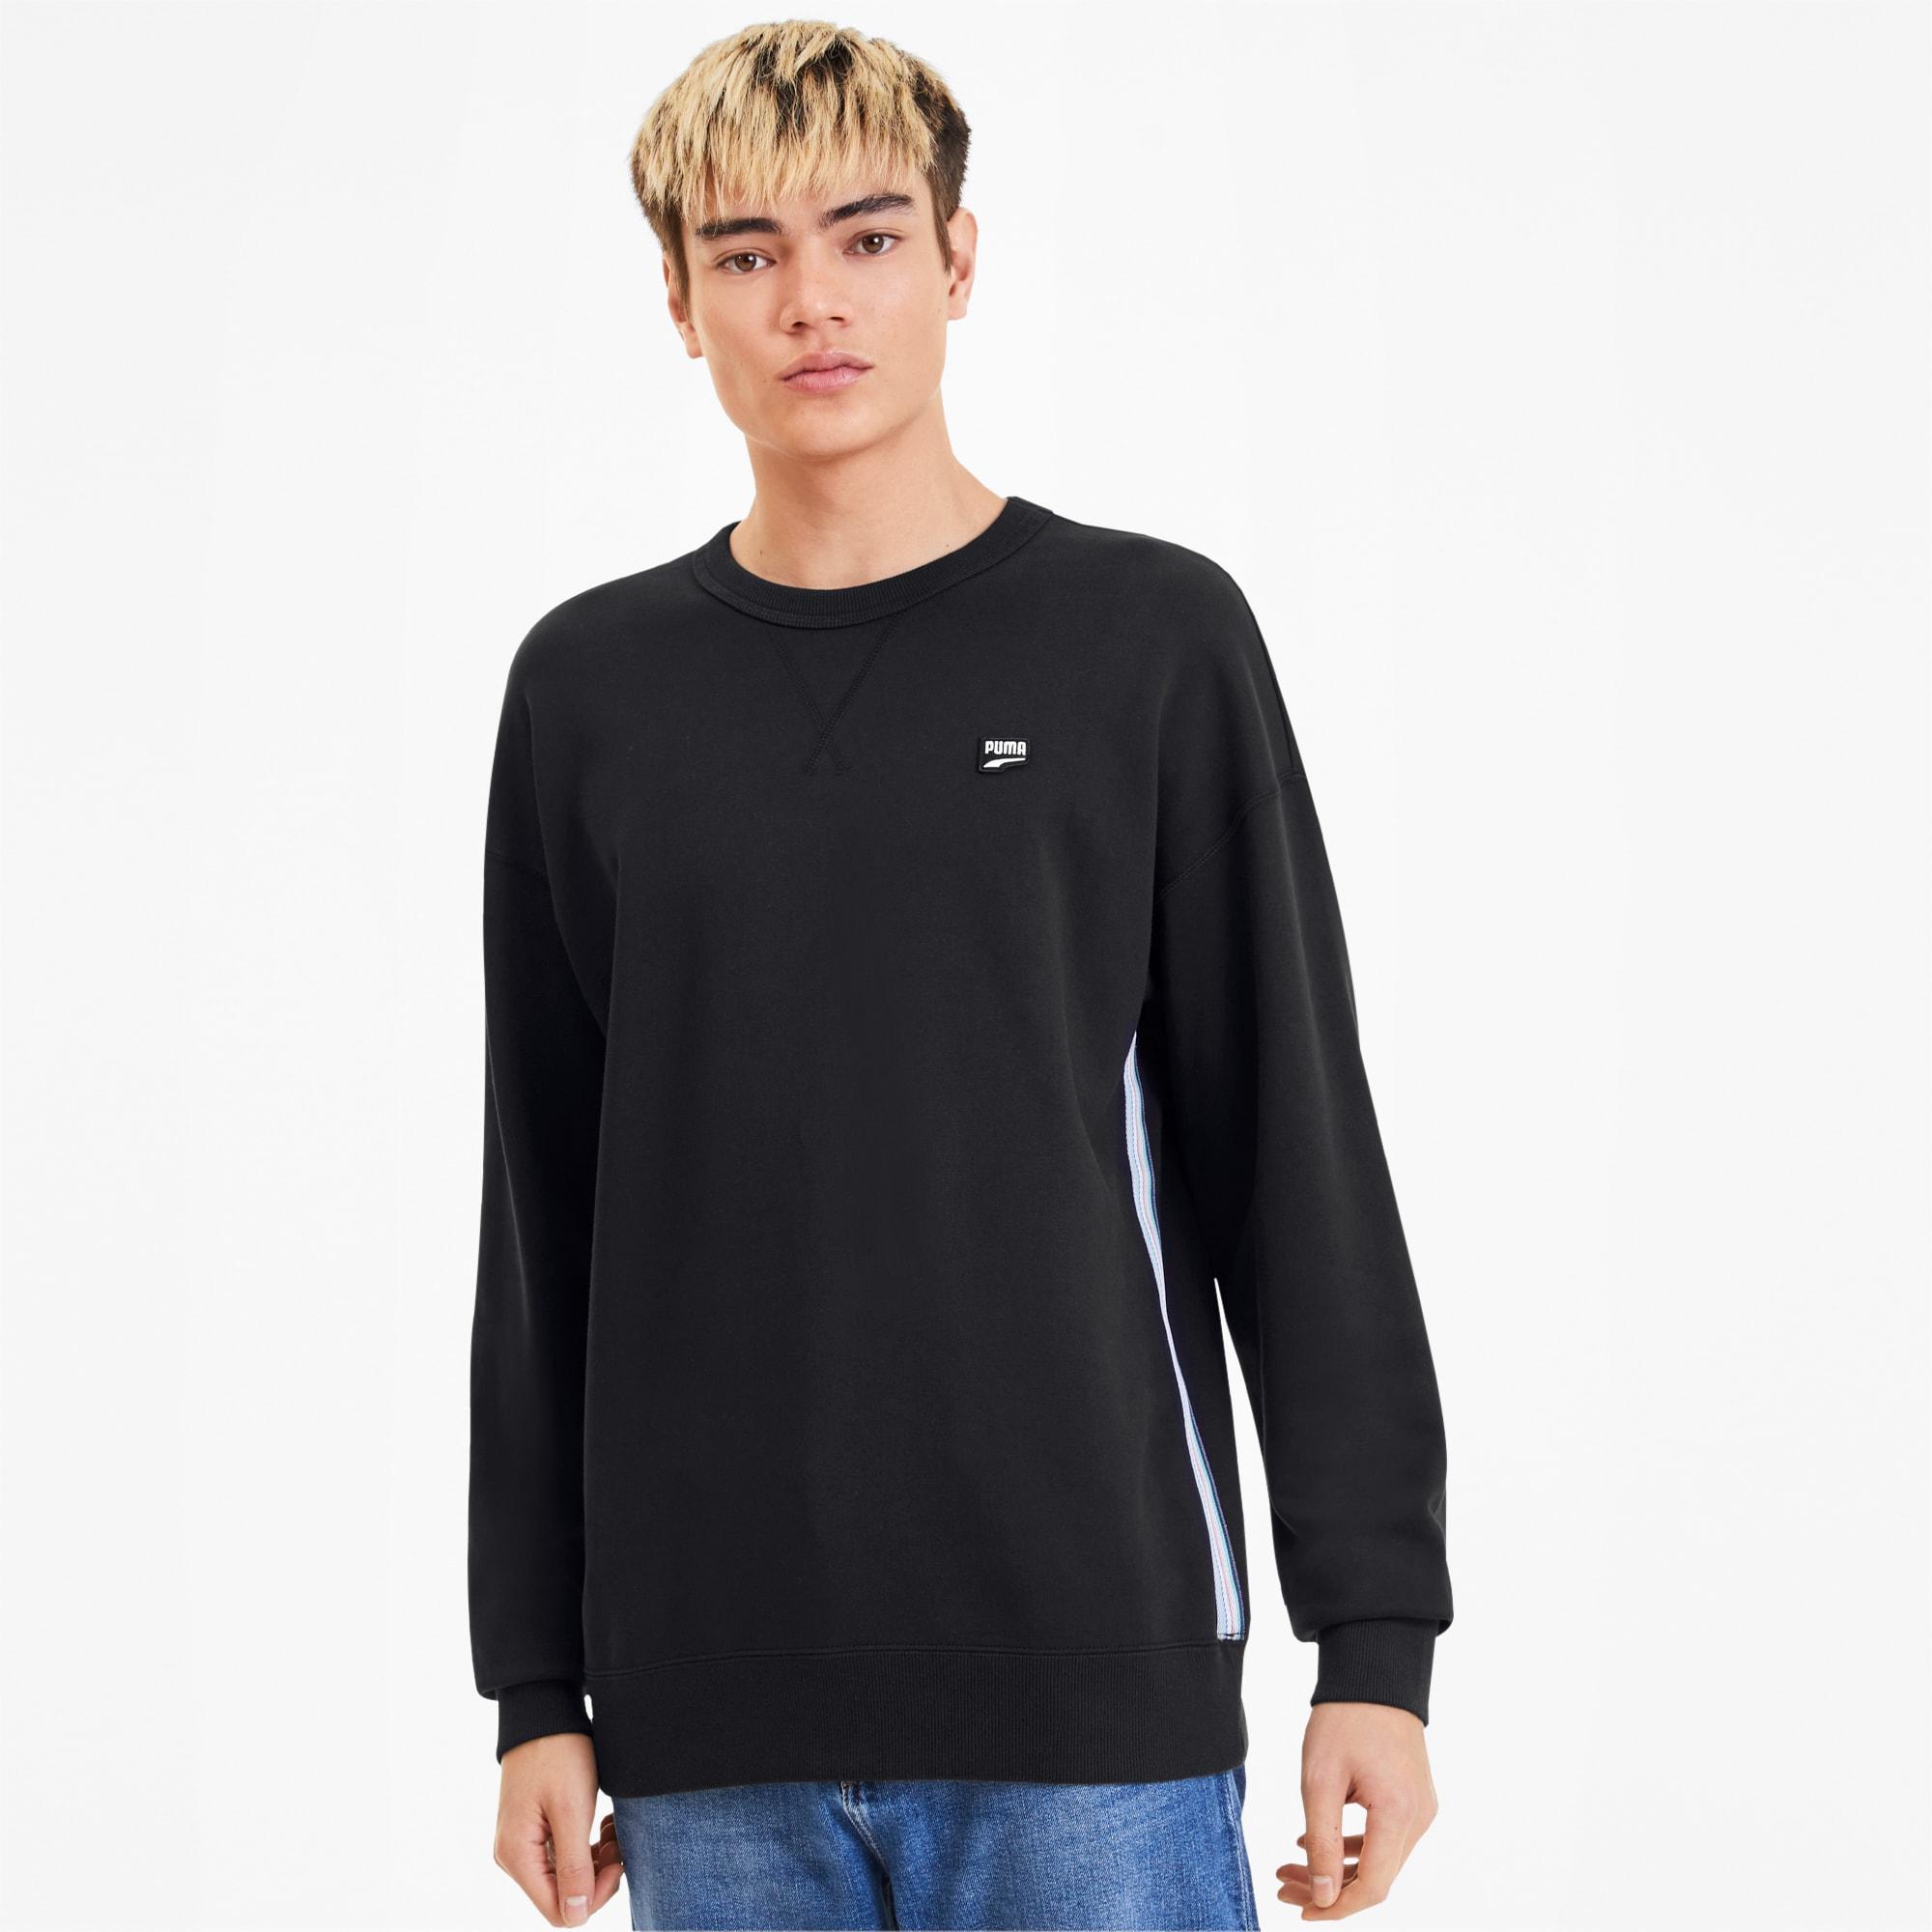 puma maglione uomo